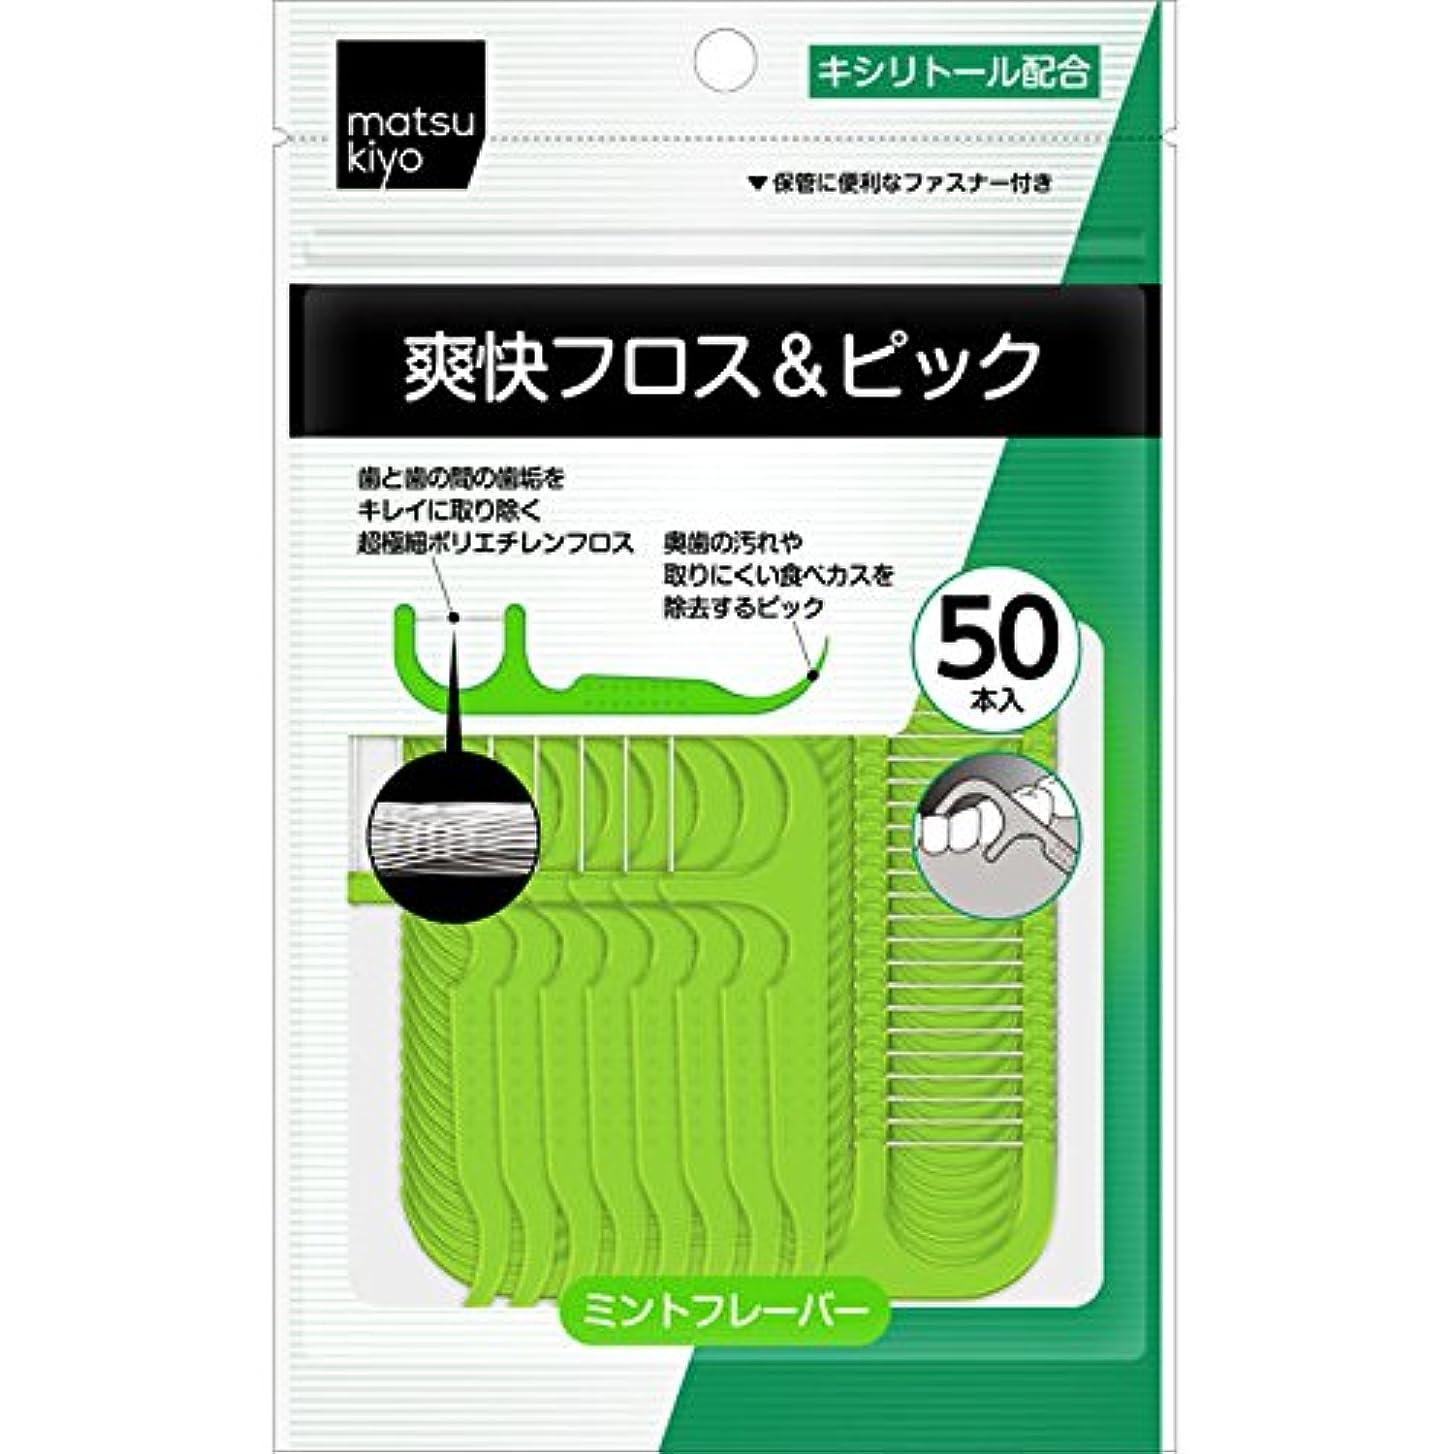 プレーヤー長さ虚栄心matsukiyo 爽快フロス&ピック 50本